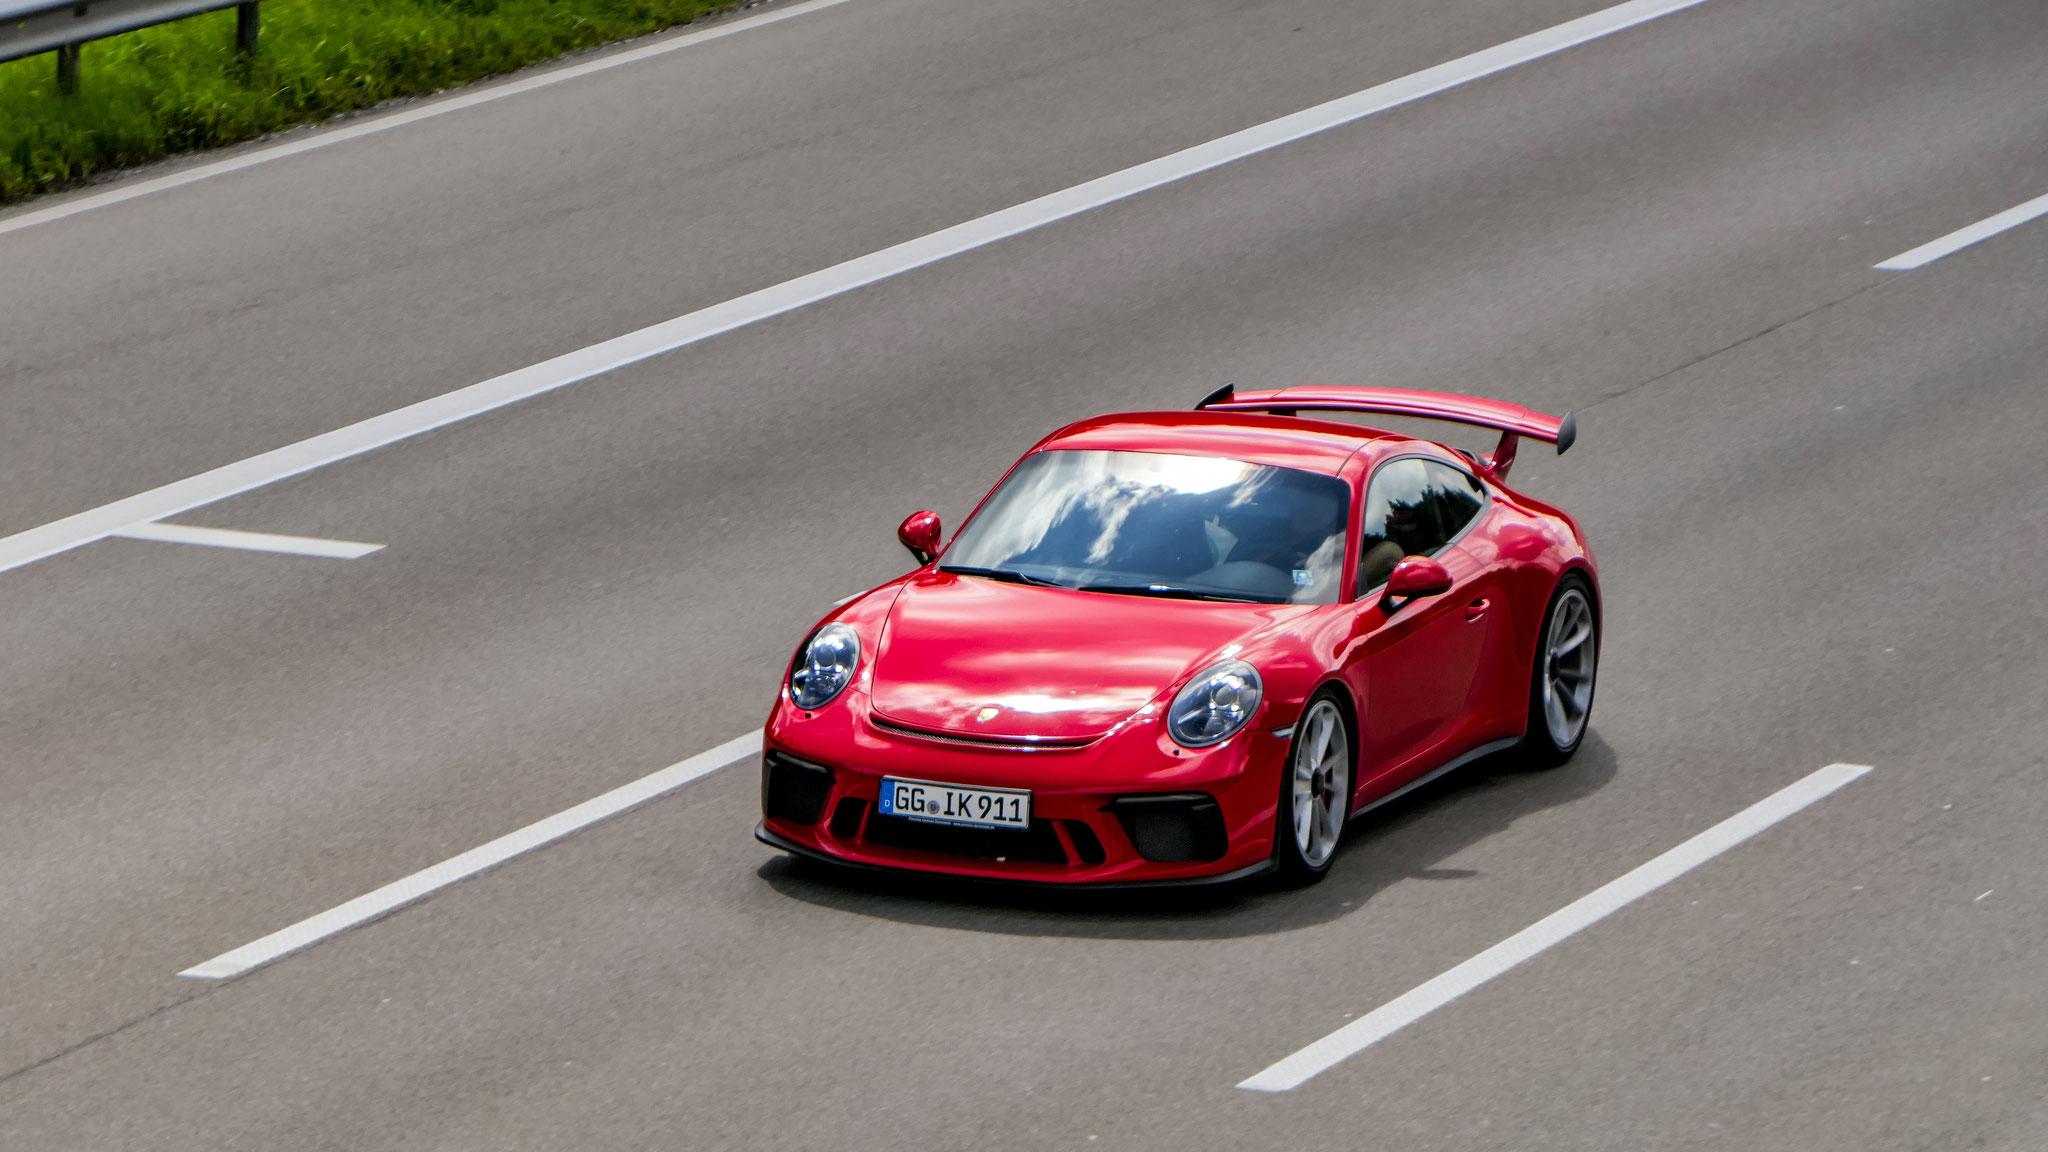 Porsche 991 GT3 - GG-IK-911